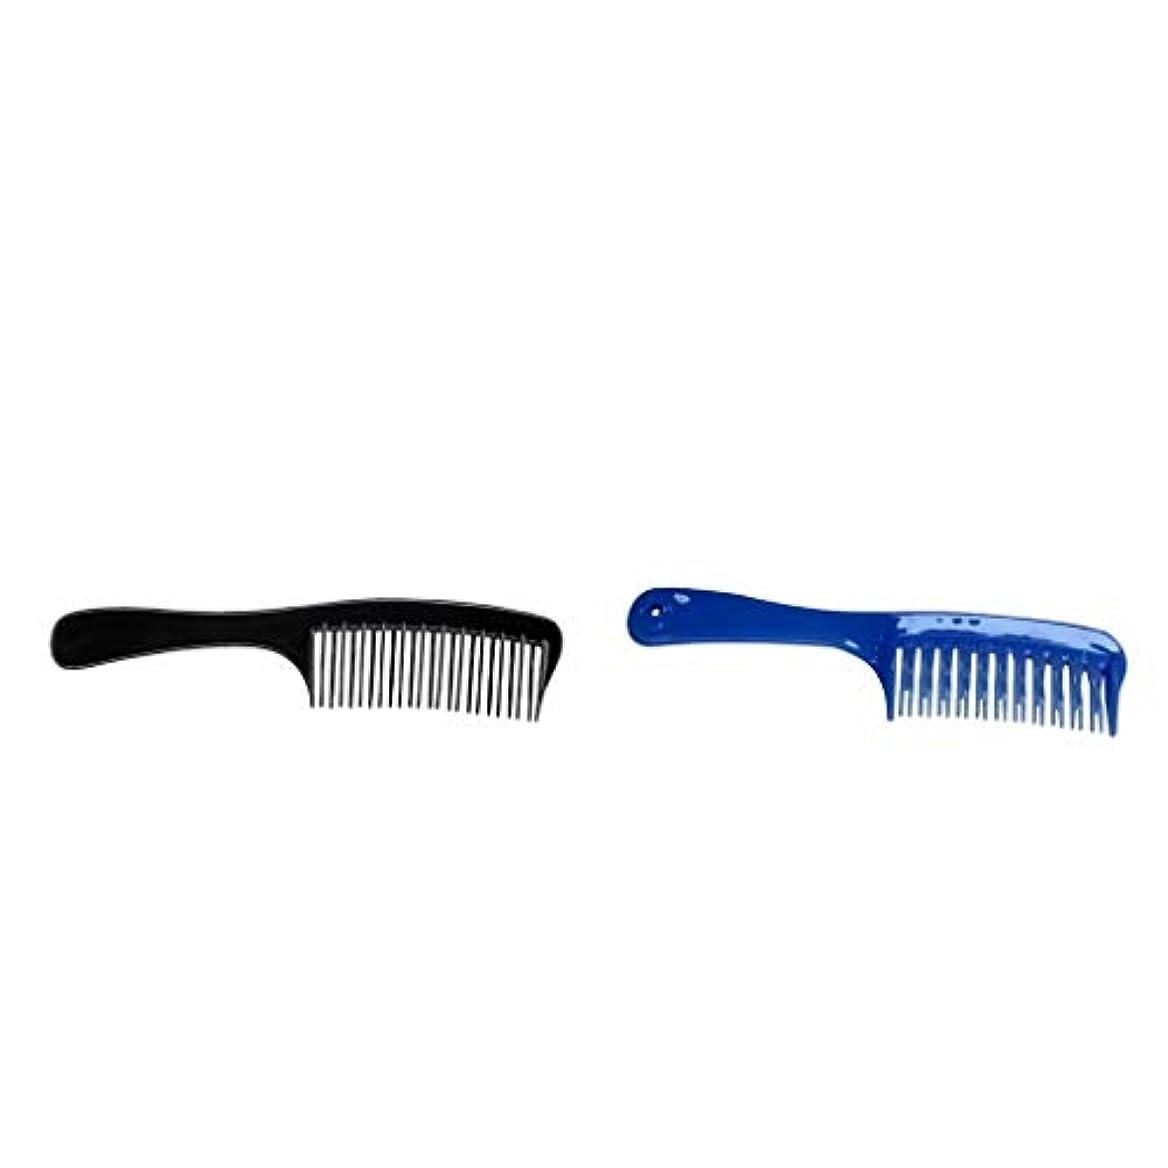 資本主義ソーシャルパブToygogo 理髪店大きいDetanglerのもつれを解く毛の櫛、二重湾曲した歯の櫛様式、耐久のプラスチック、抵抗力がある漂白剤の色